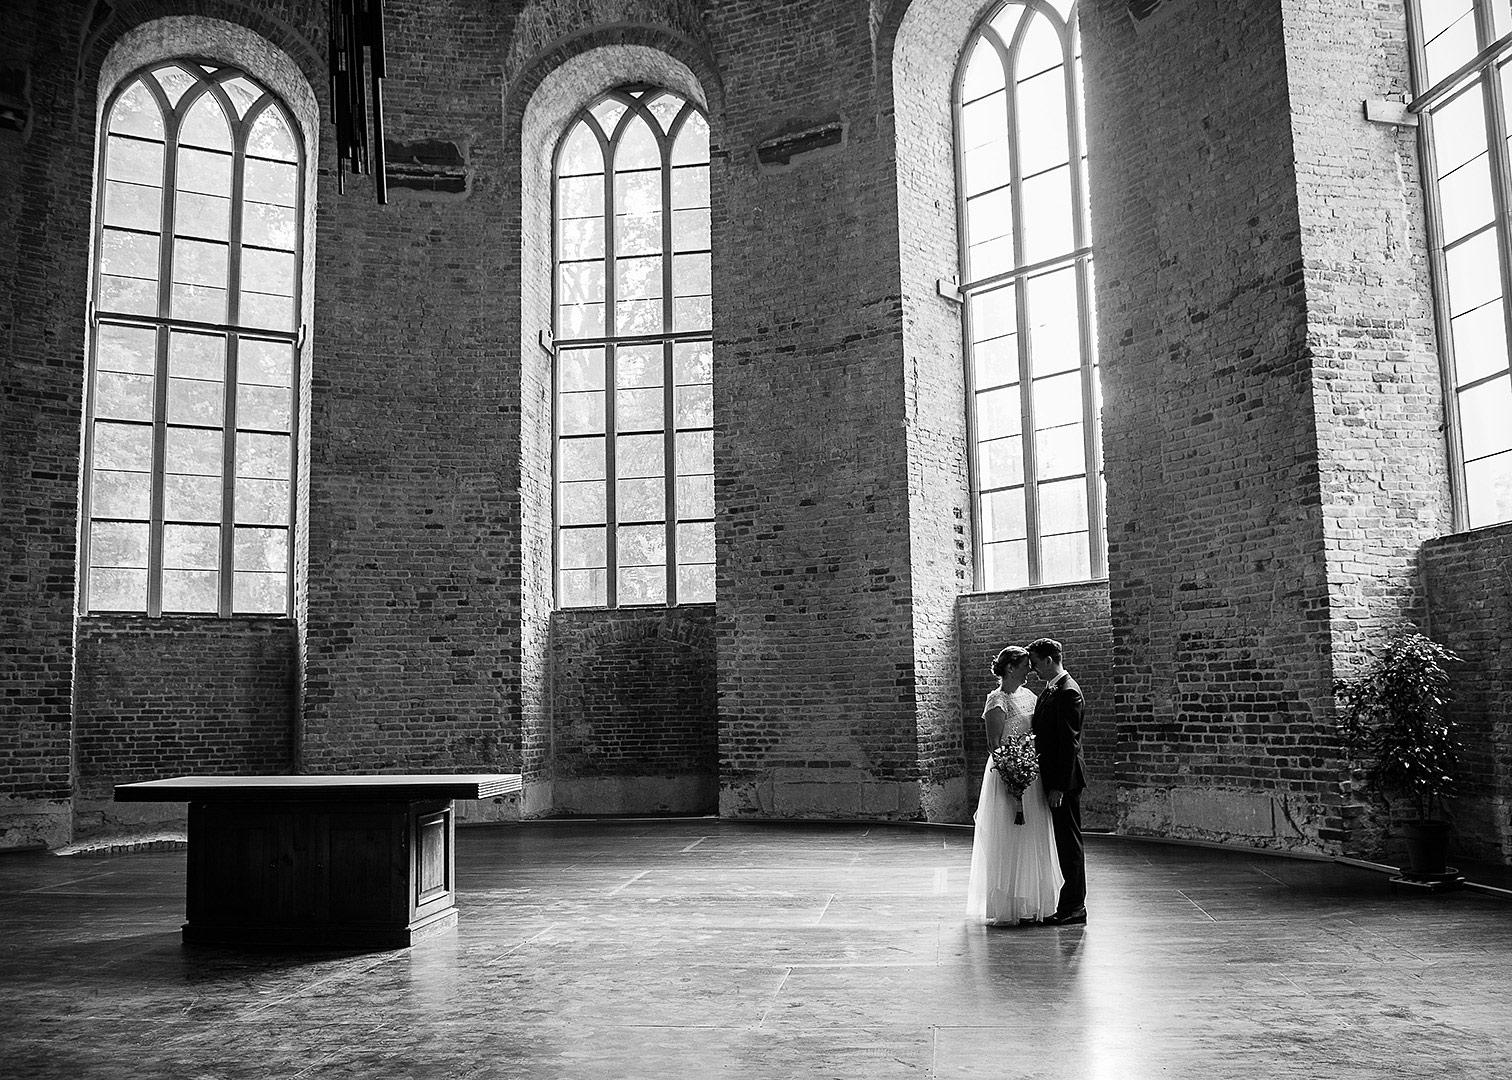 hochzeitsfotograf berlin, hochzeitsfotos berlin, heiraten im standesamt, hochzeit zu zweit in berlin, alleine heiraten, brautpaarfotos, herbsthochzeit ideen, kirchliche trauung berlin, heiraten in der kirche